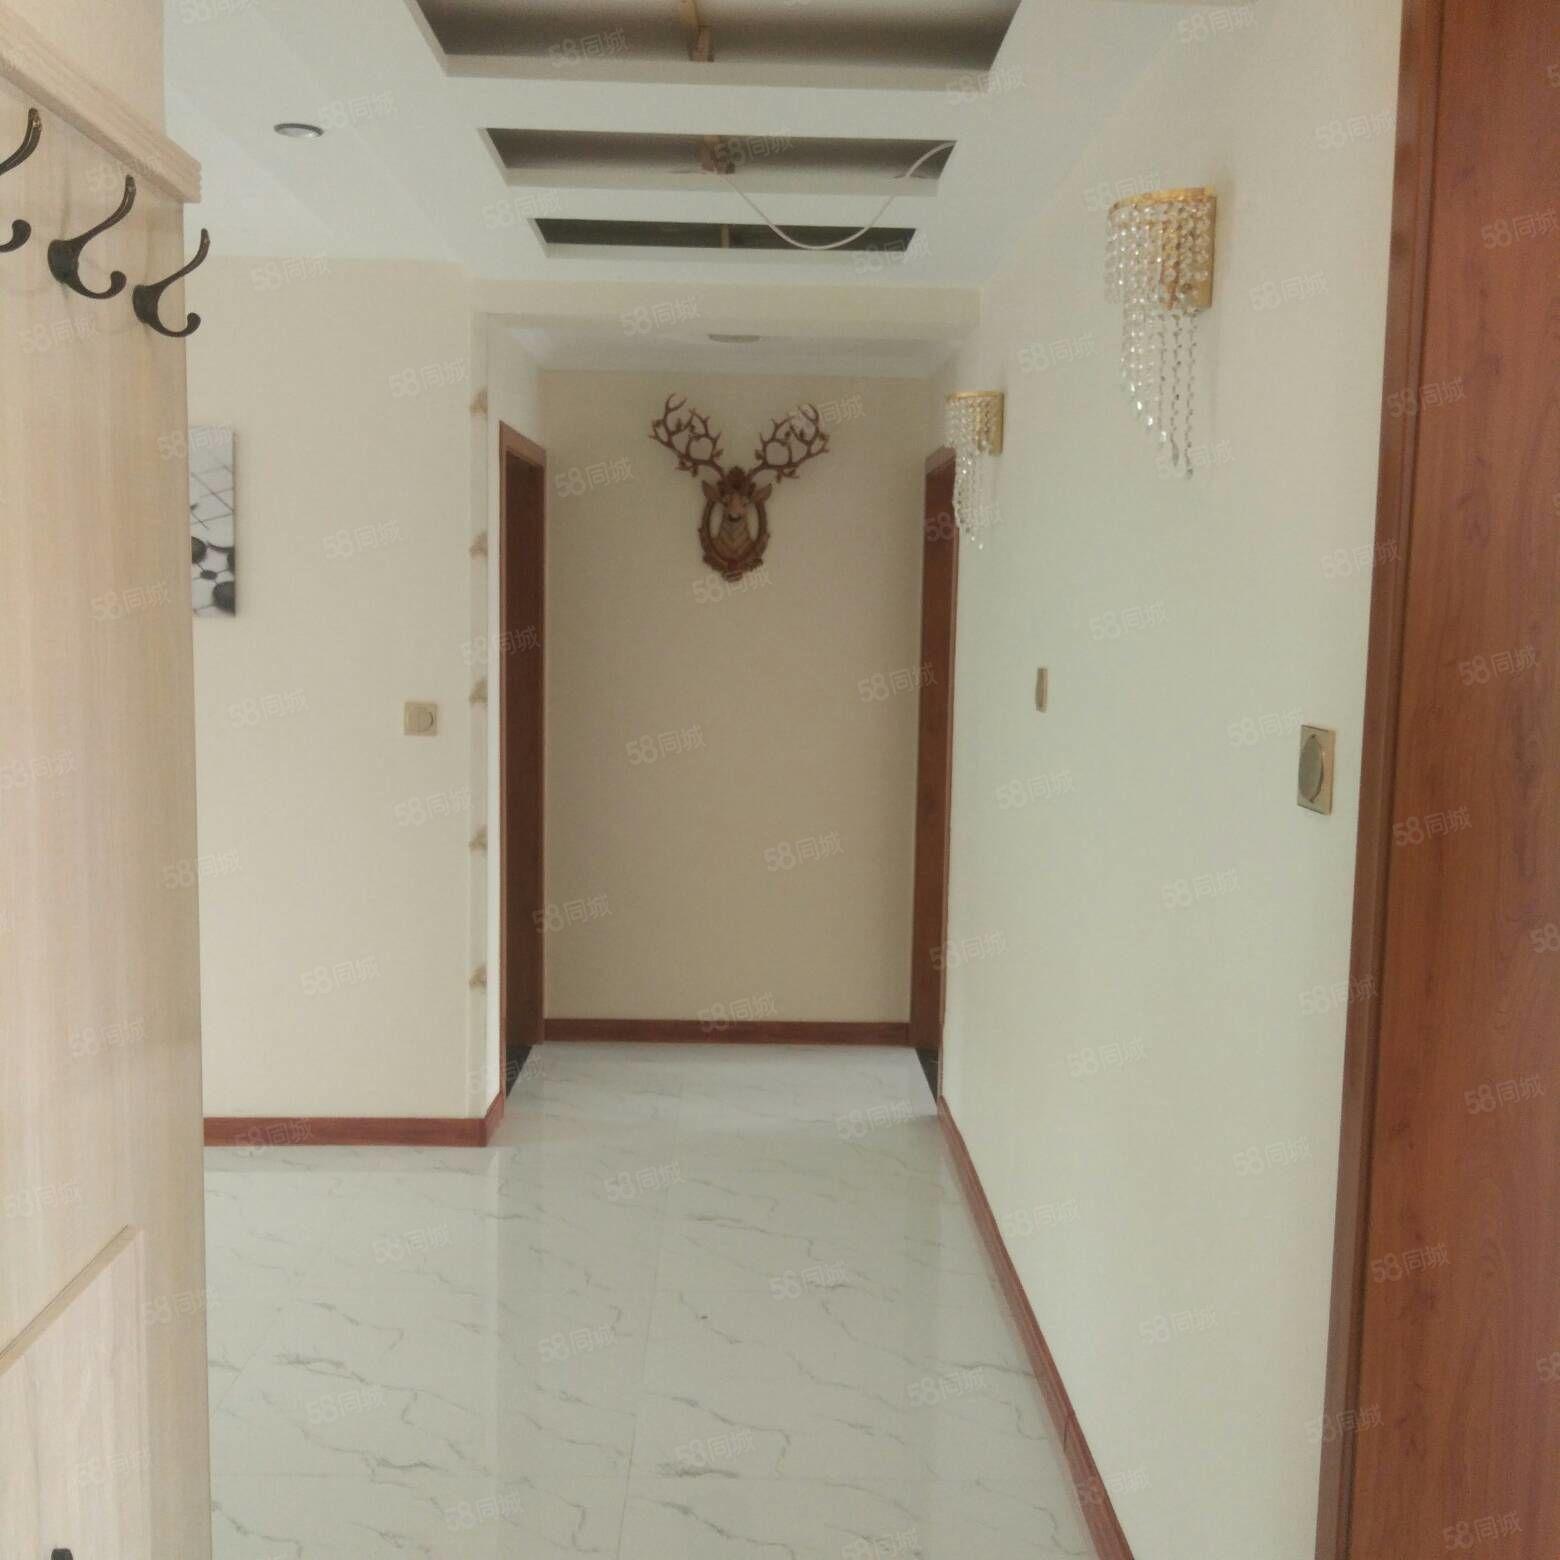 南关小区5楼,114平米,三室两厅,三向阳,精装地暖,